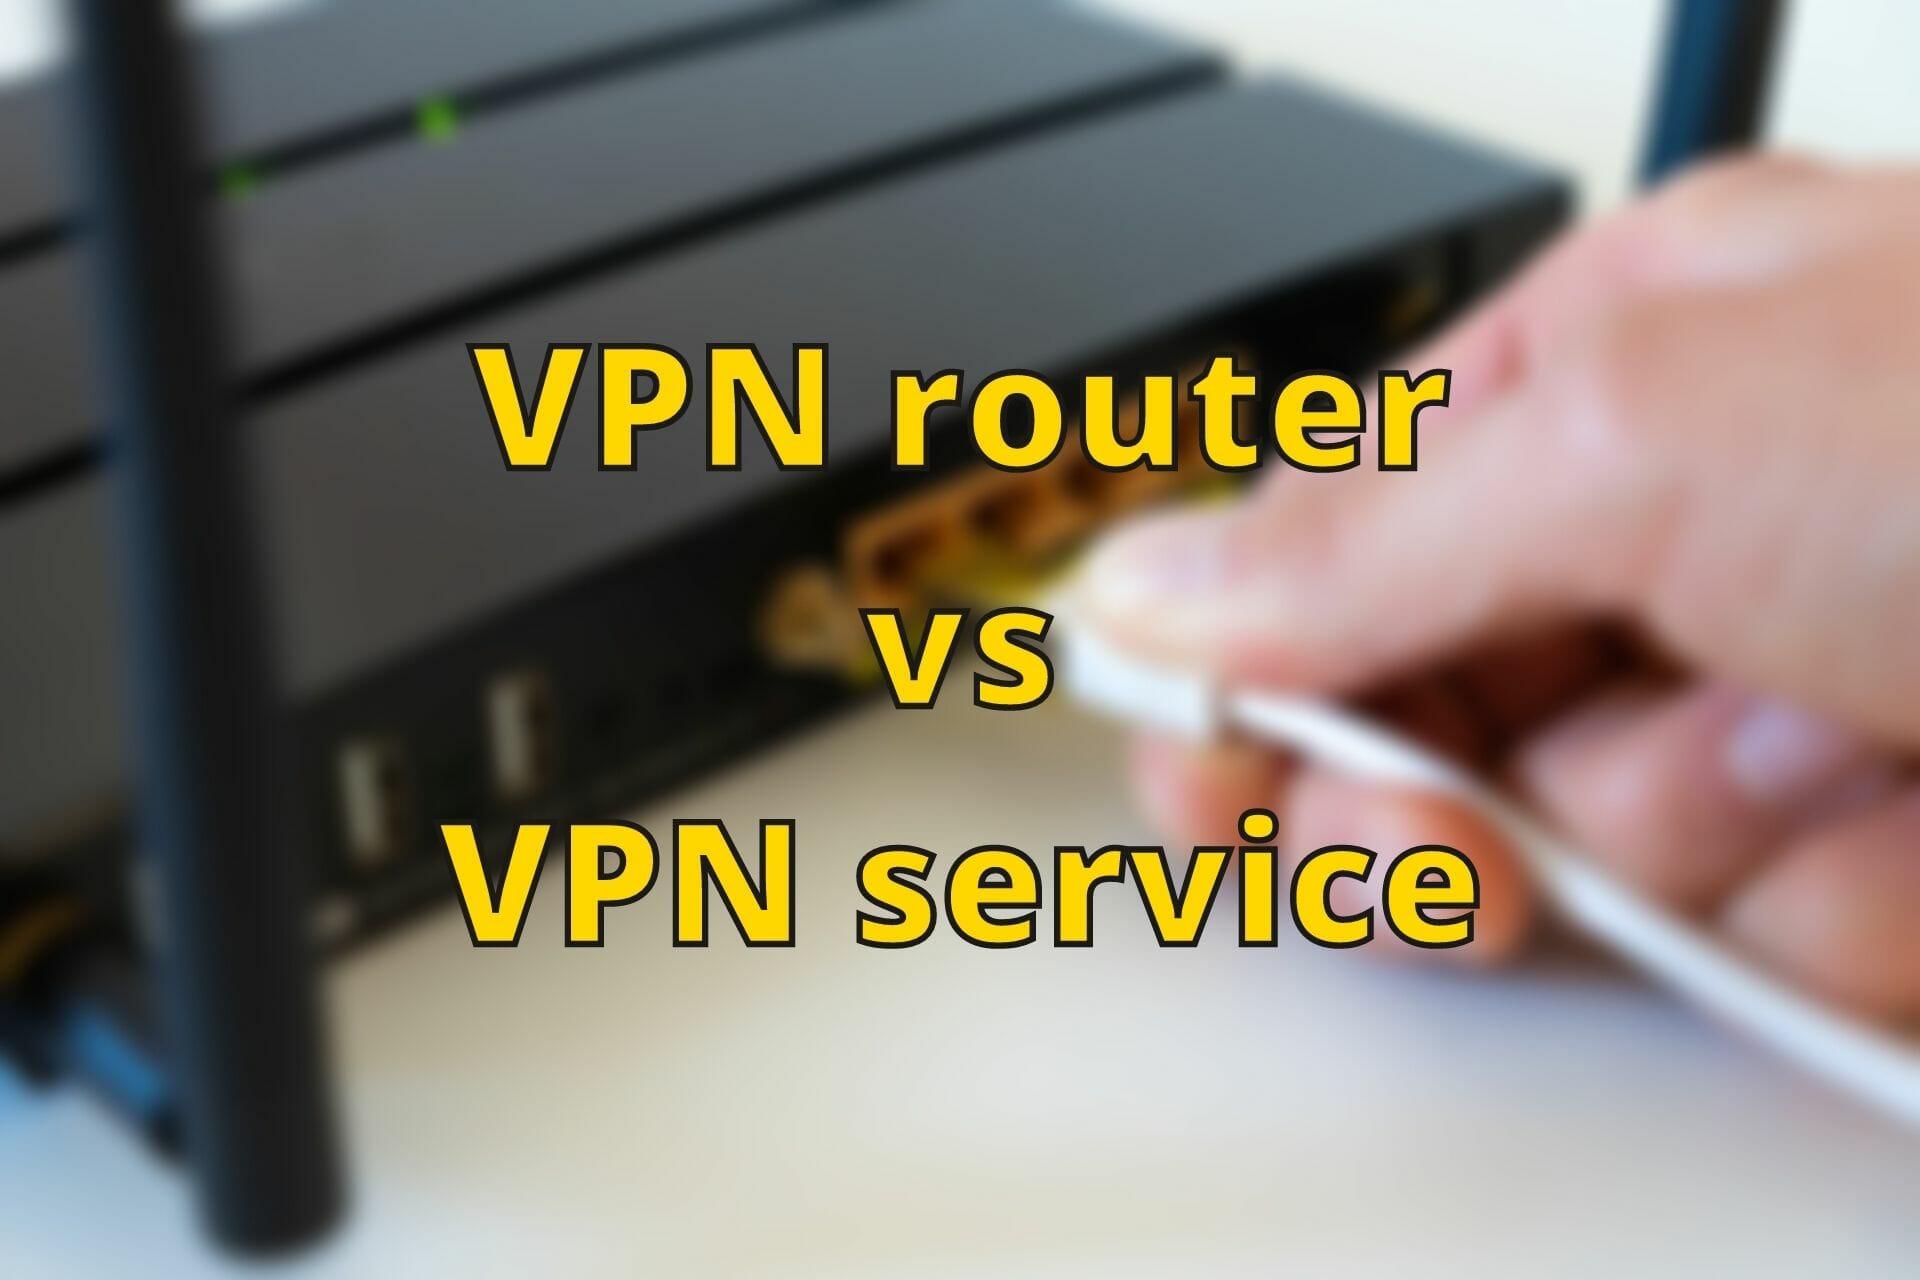 Routeur VPN vs service VPN